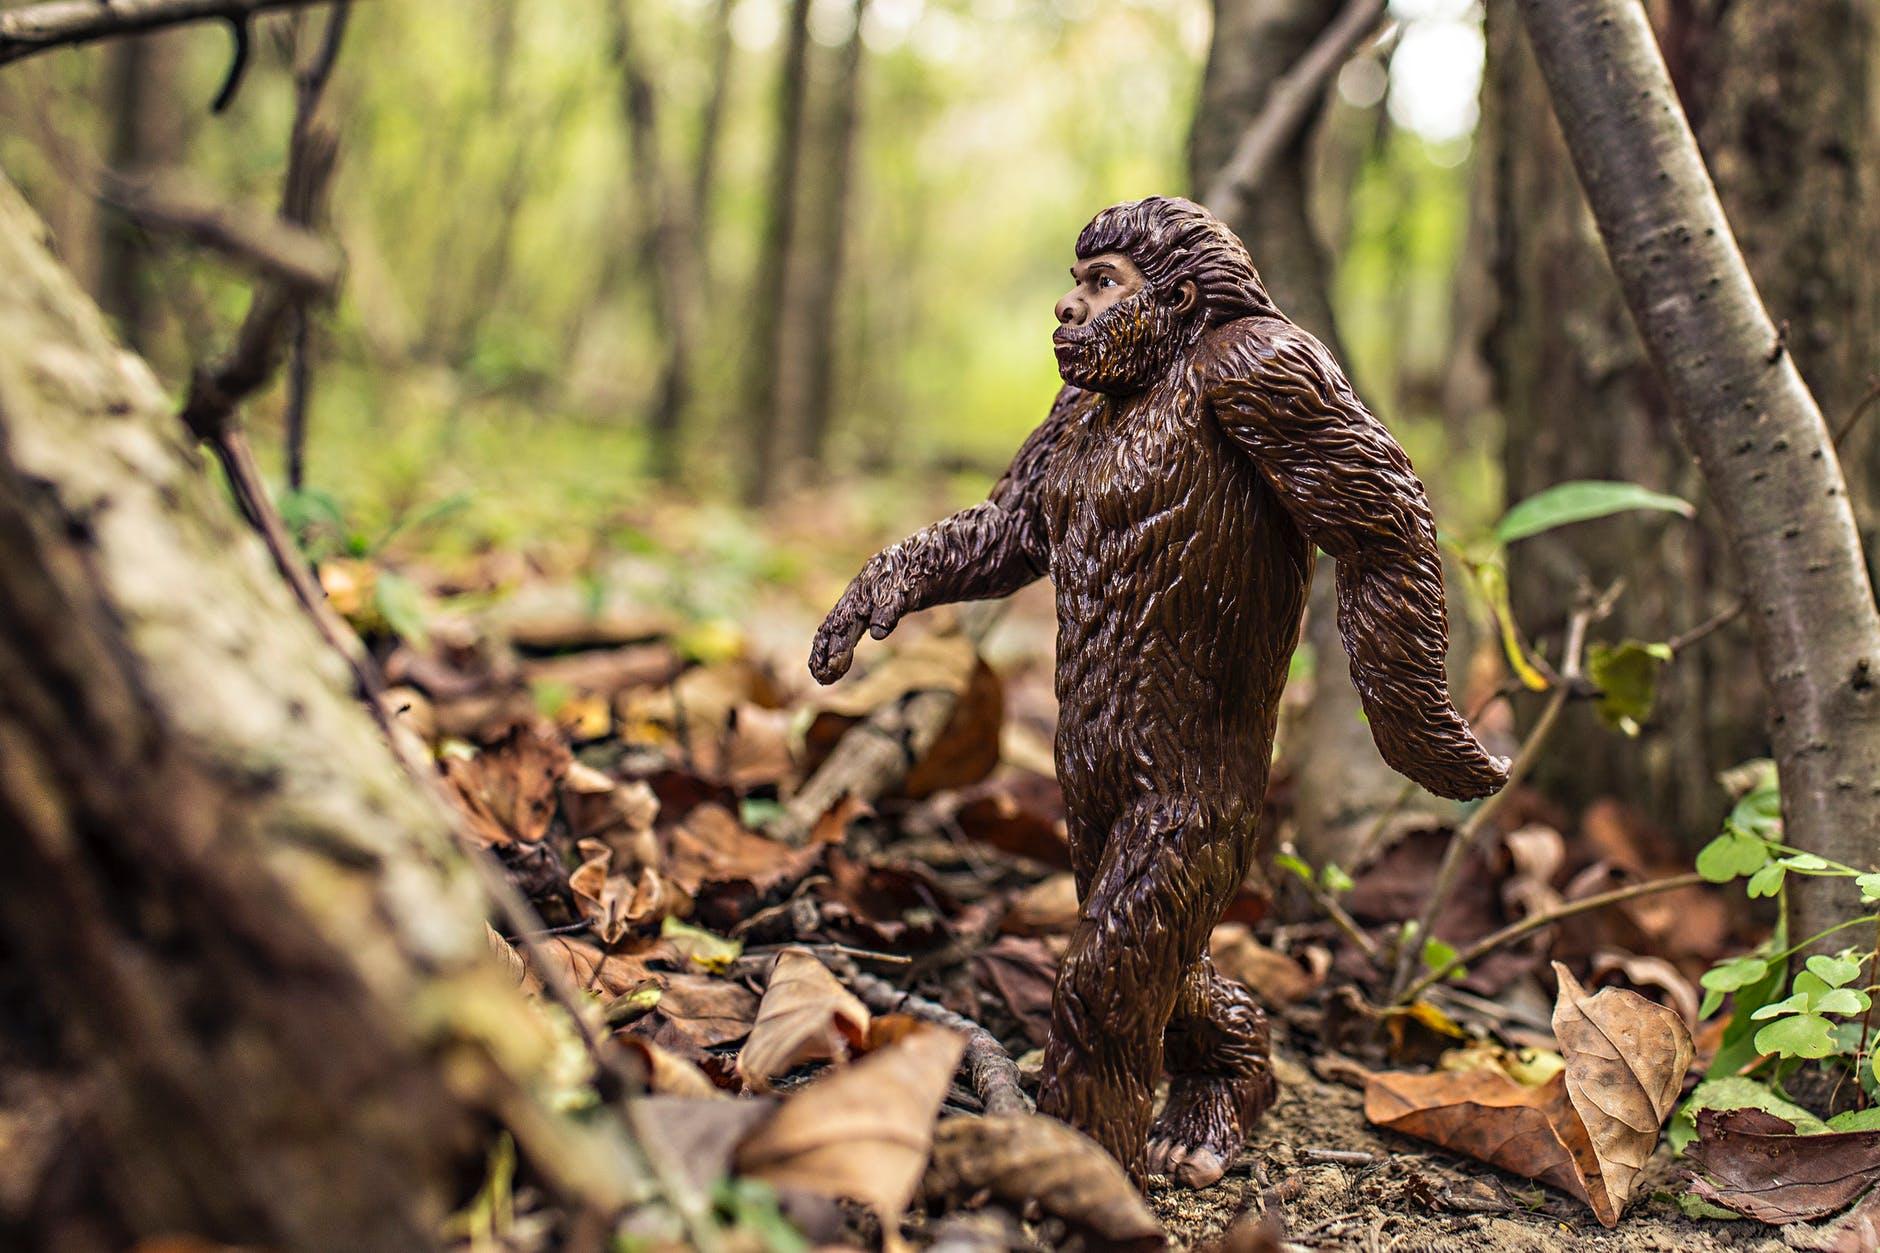 bigfoot walking through the woods